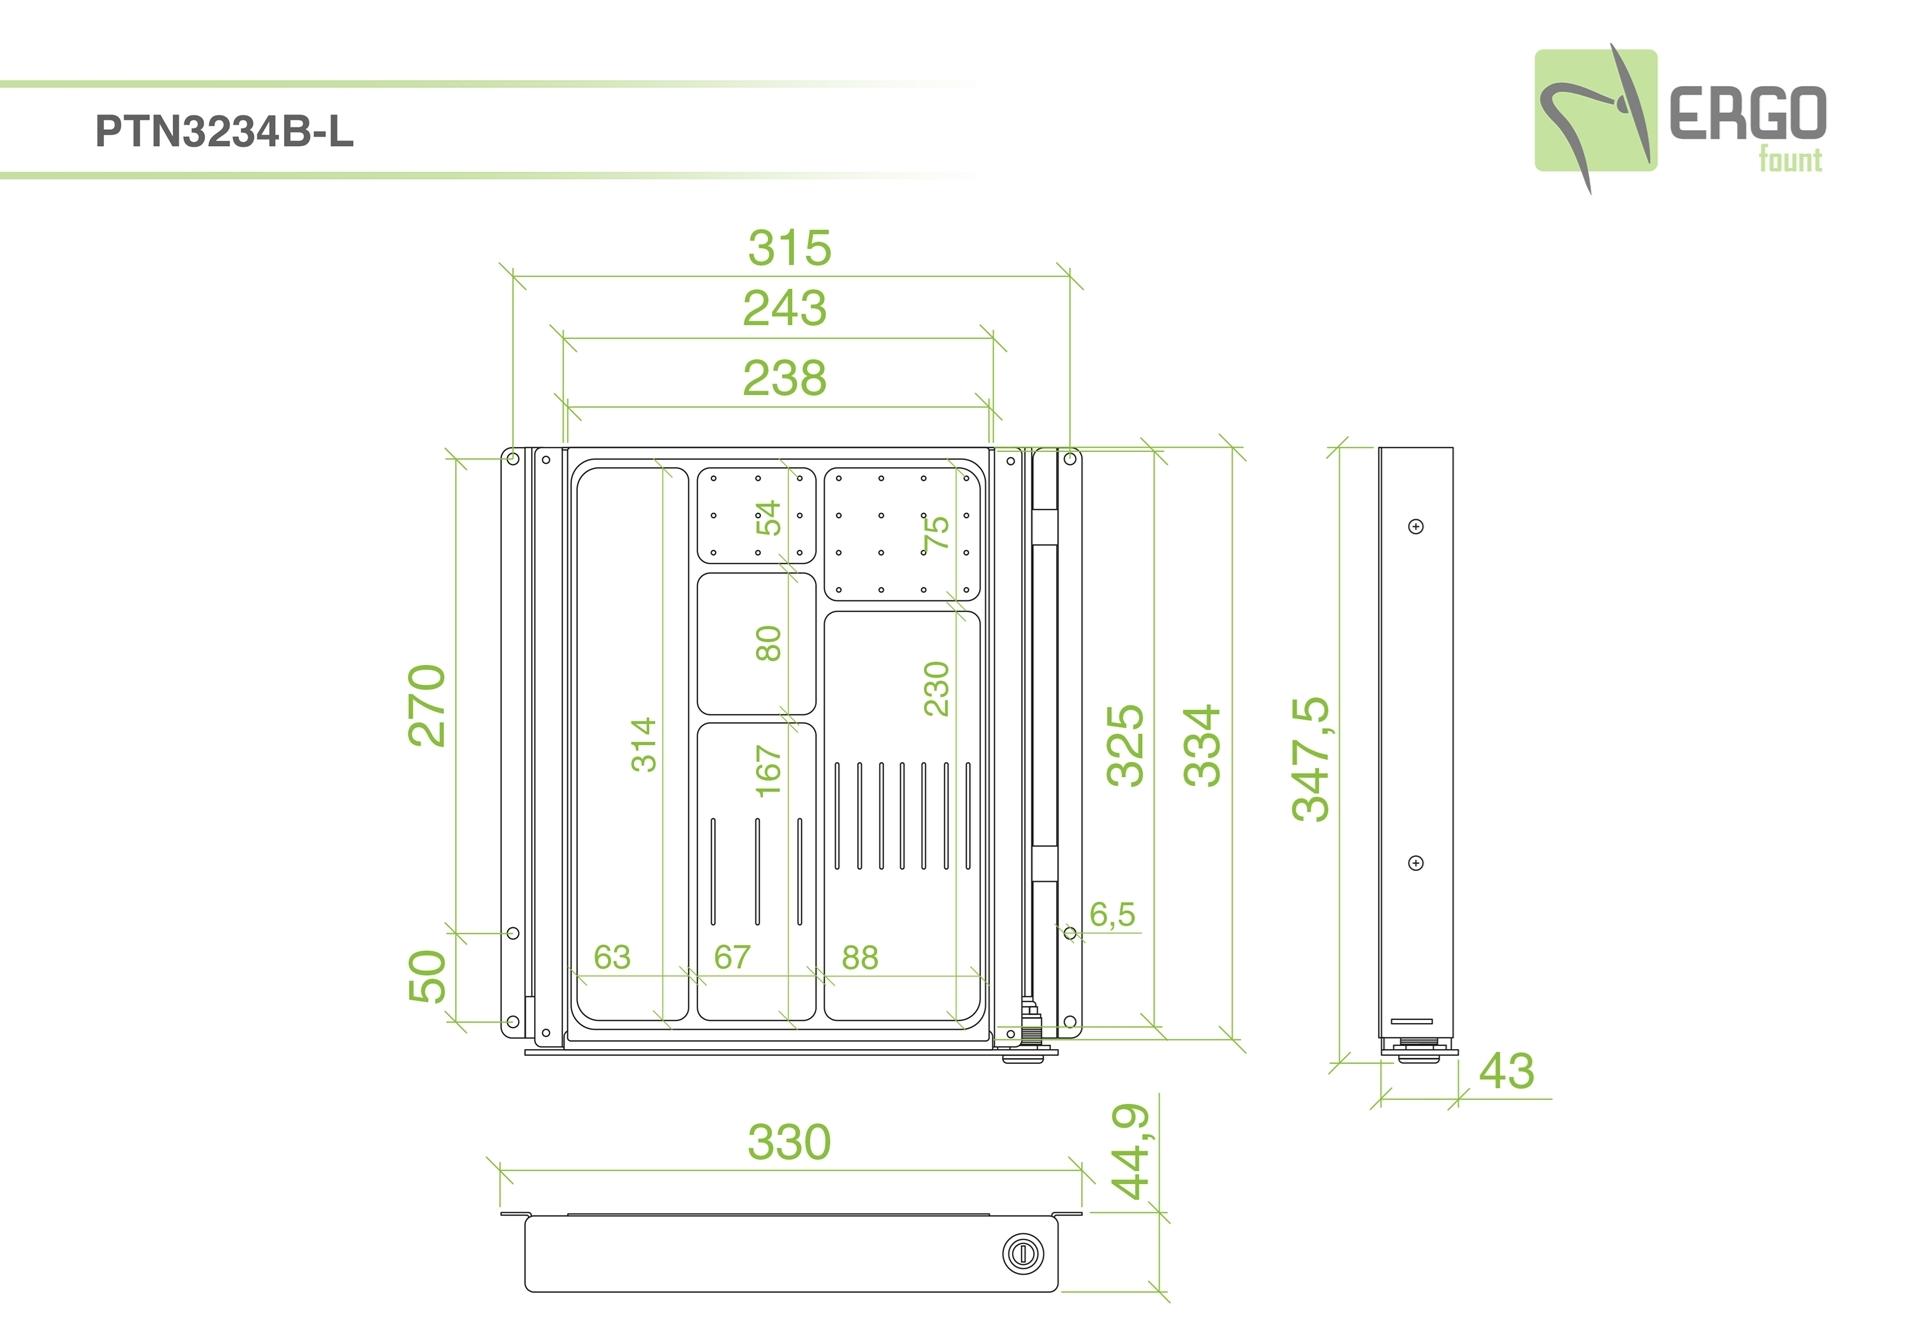 ErgoFount PTN3234B-L - Выдвижной ящик-органайзер с замком для канцелярских принадлежностей под стол, средний, черный